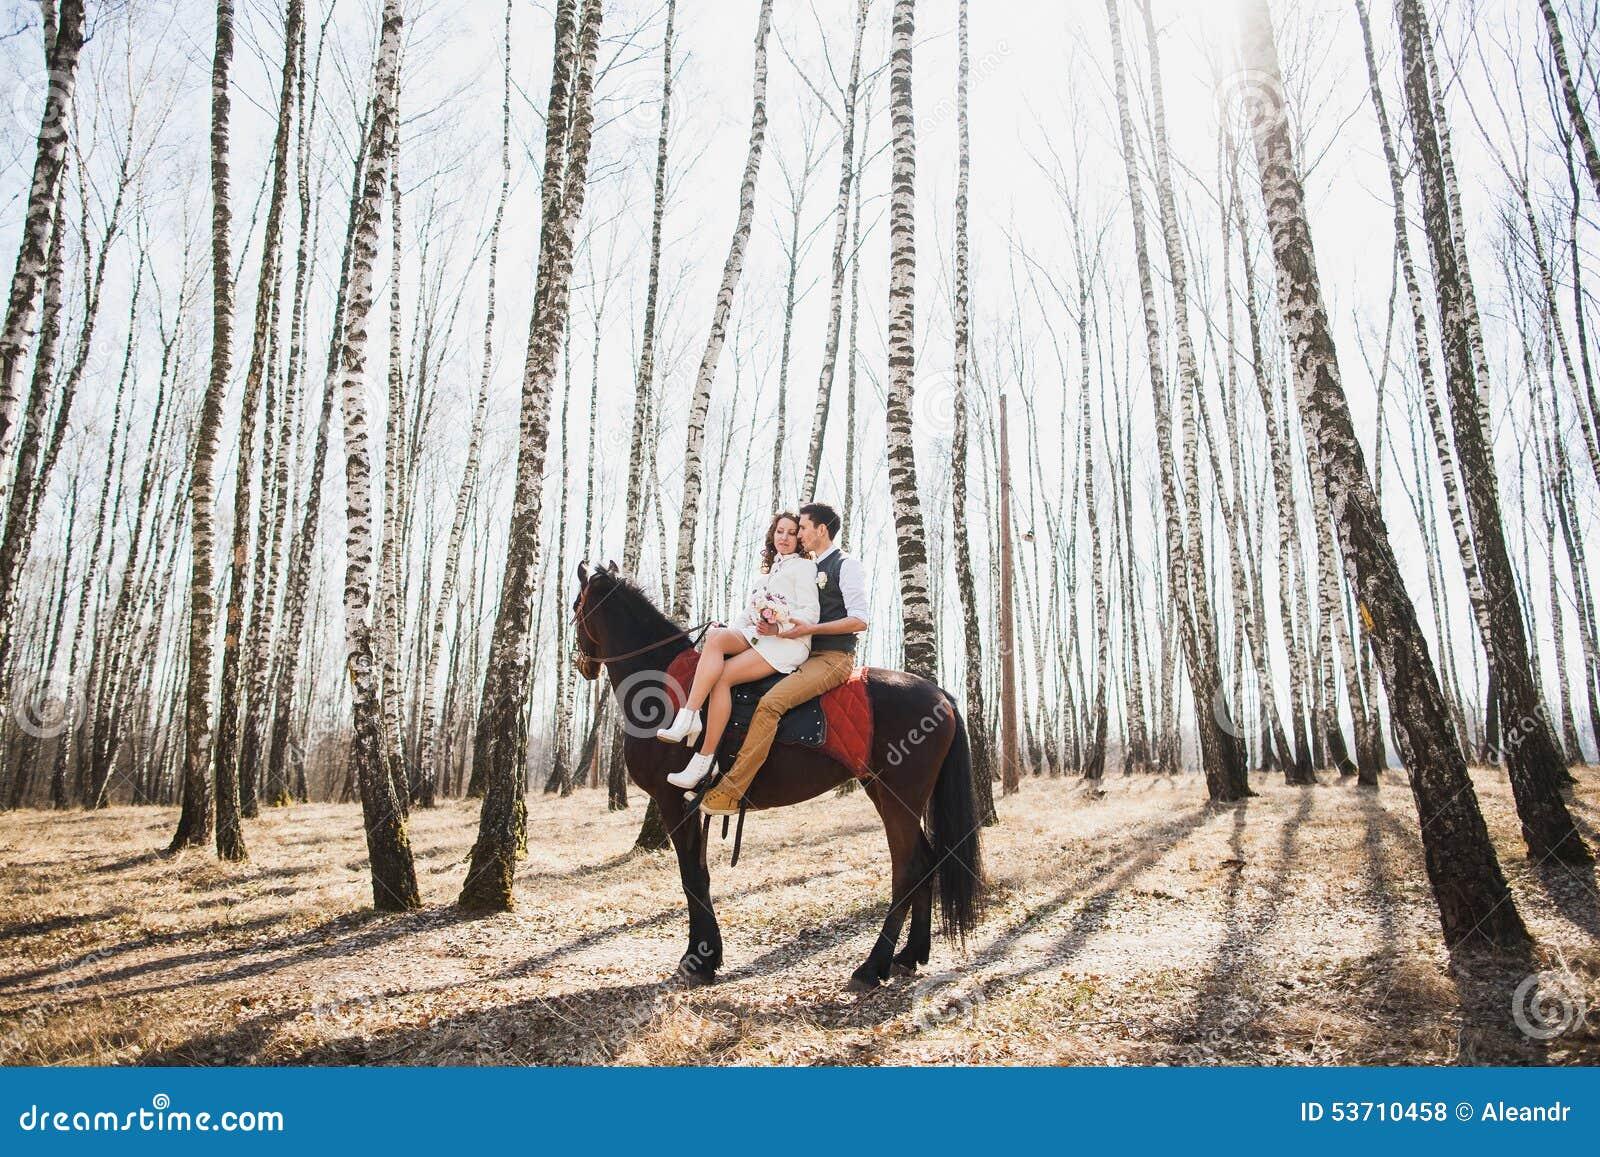 Kvinna rider man